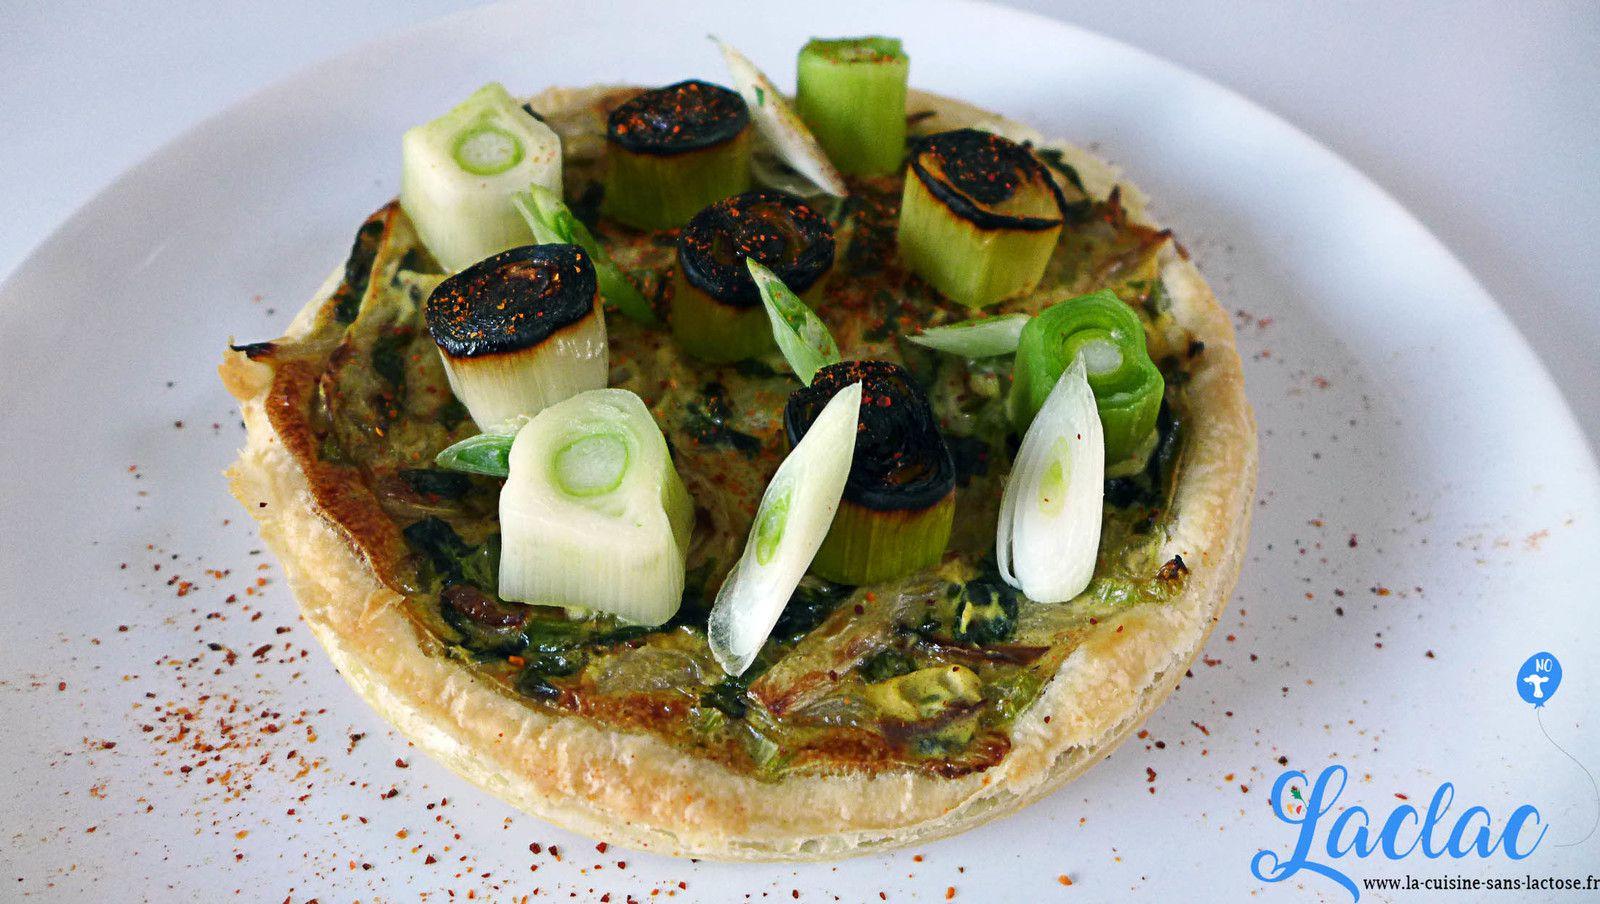 Tarte aux Légumes, Poireaux Brûlés ! (JLCTC20 #29)